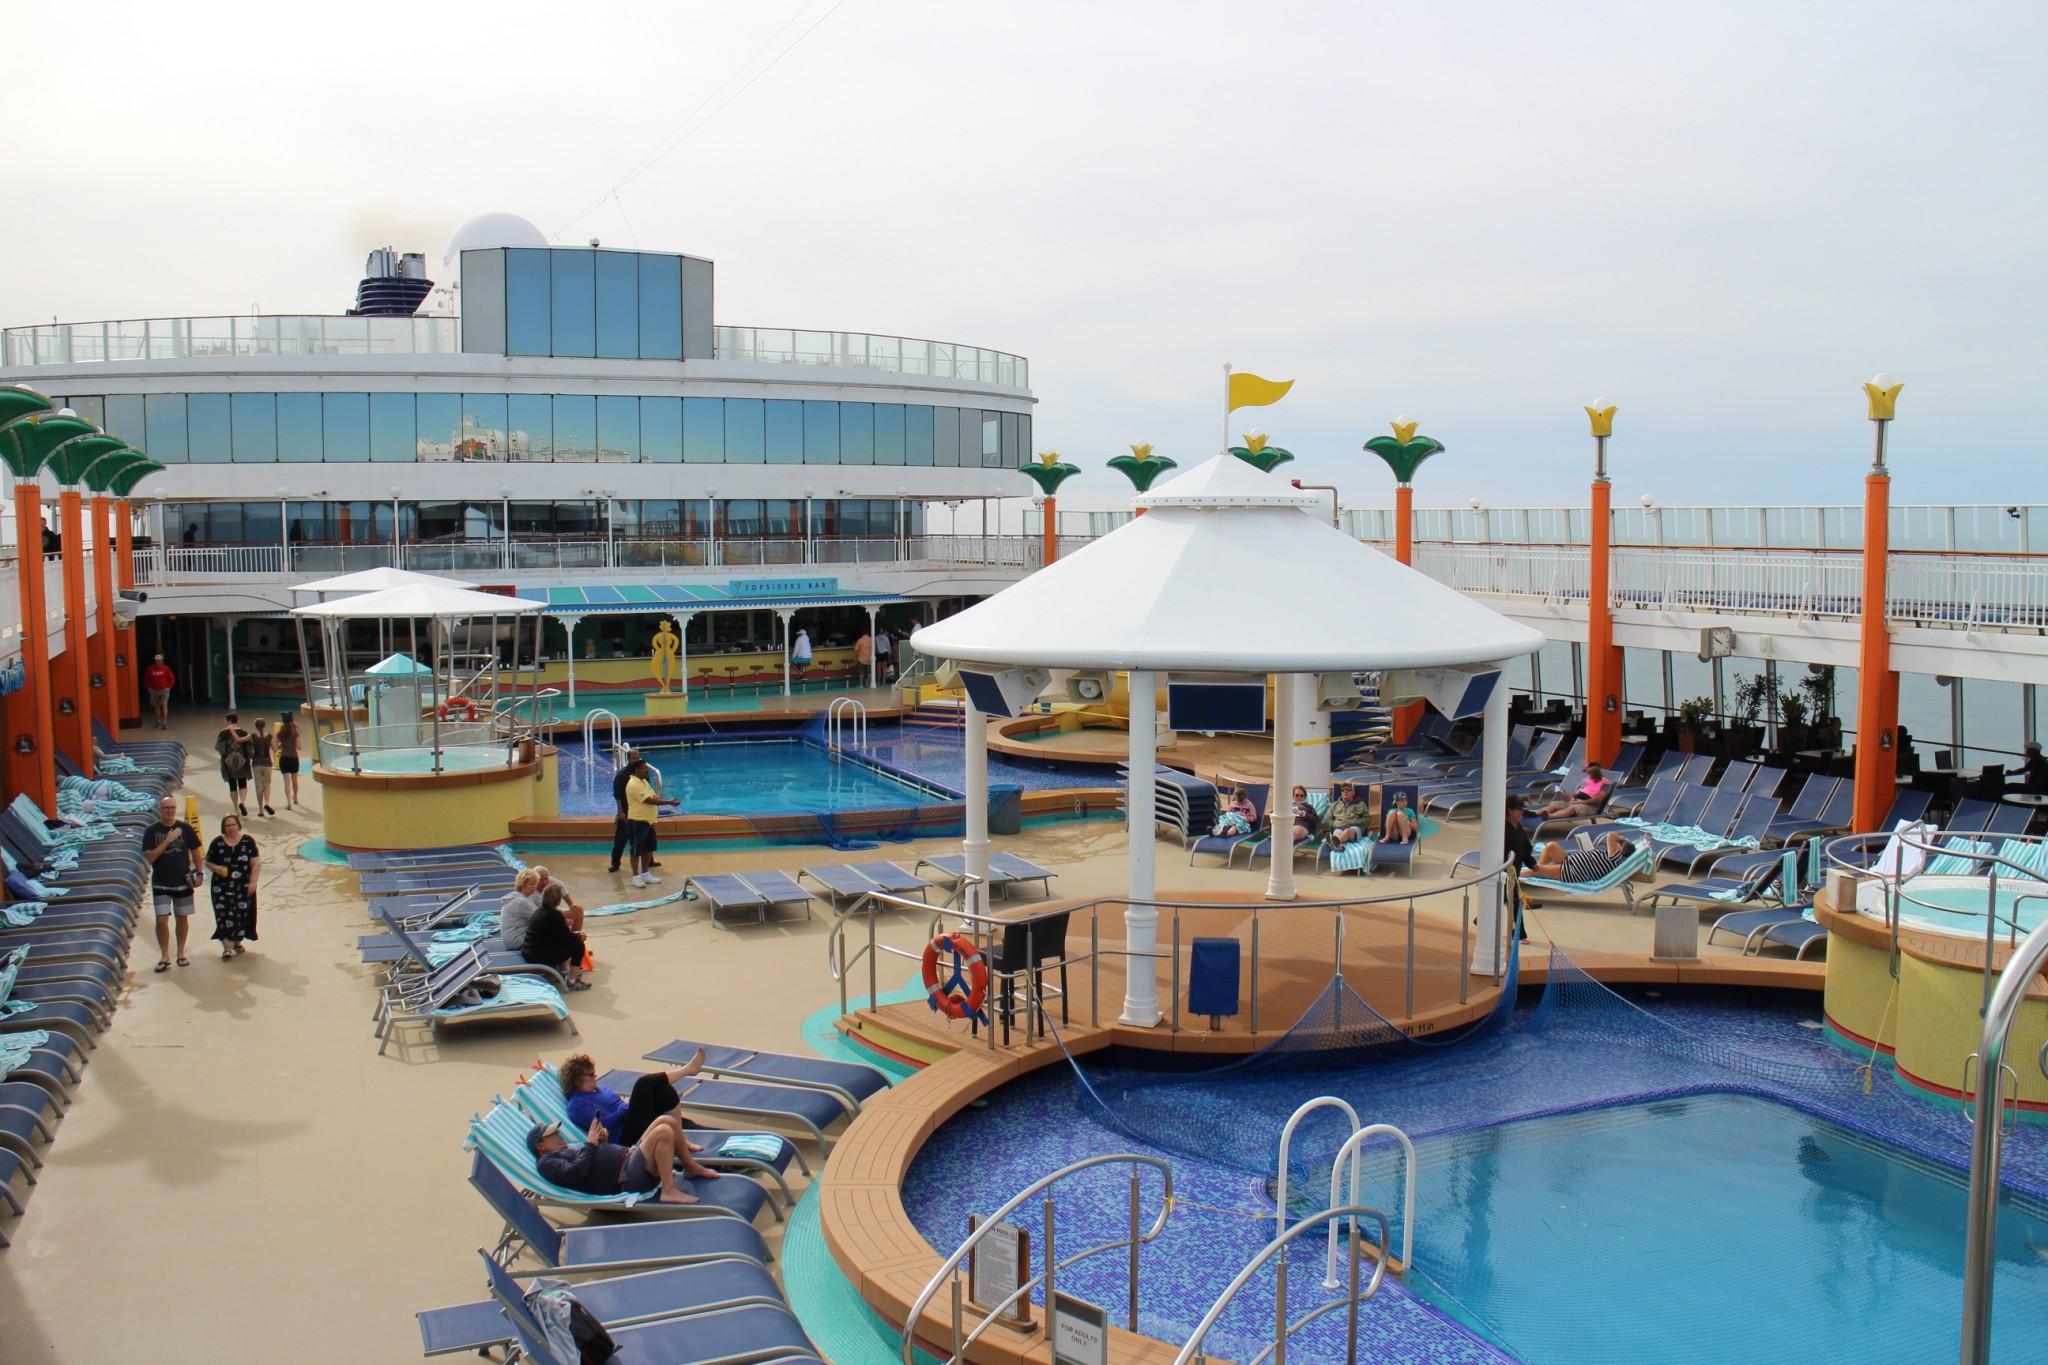 Norwegian Jewel Pool Deck 3